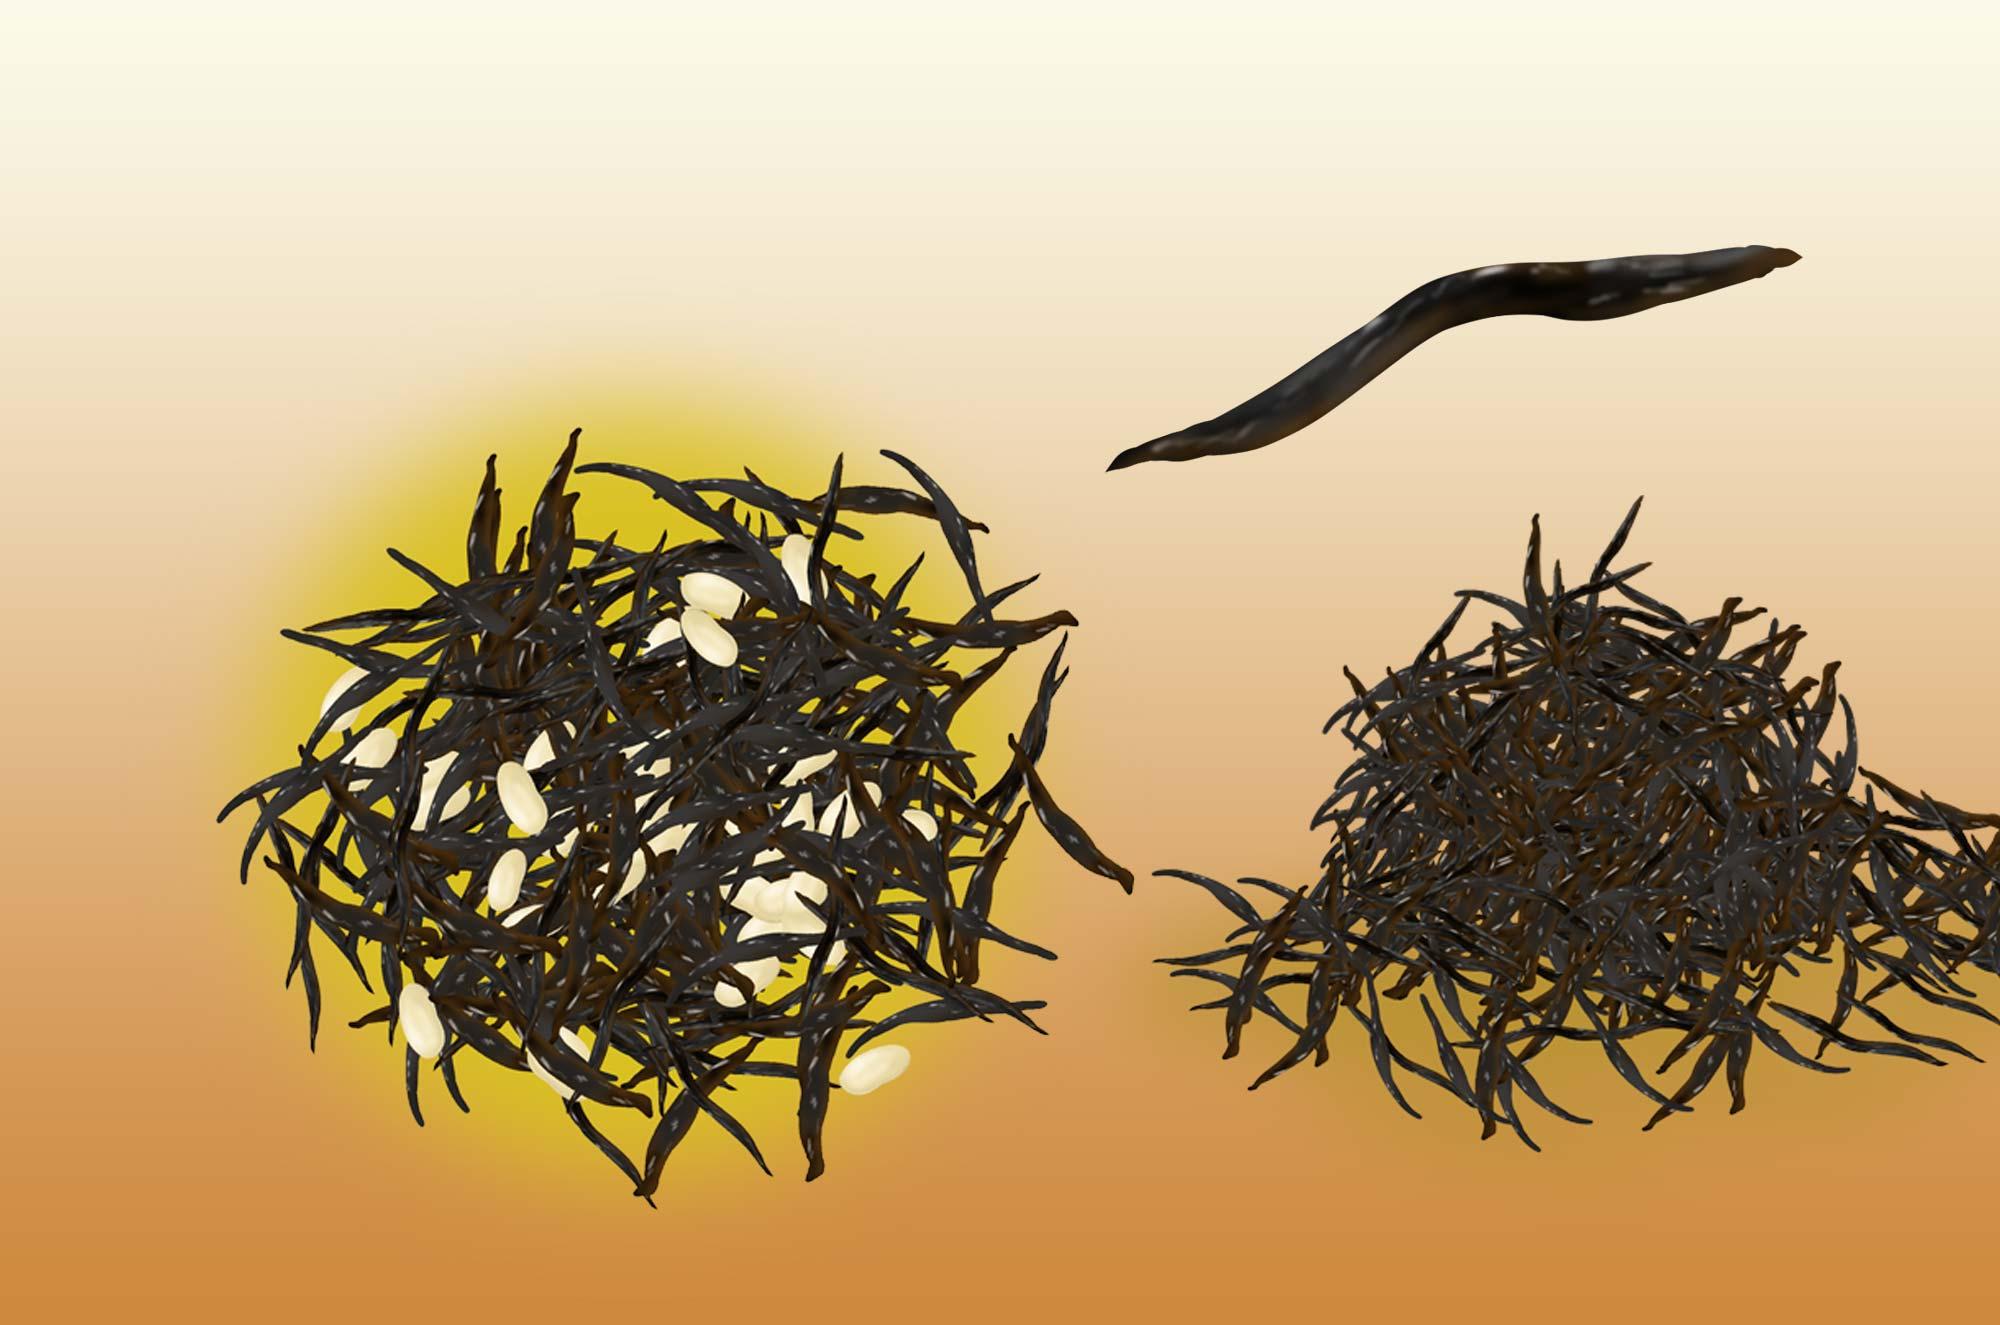 ひじきのイラスト - 栄養たっぷりの海の海藻無料素材